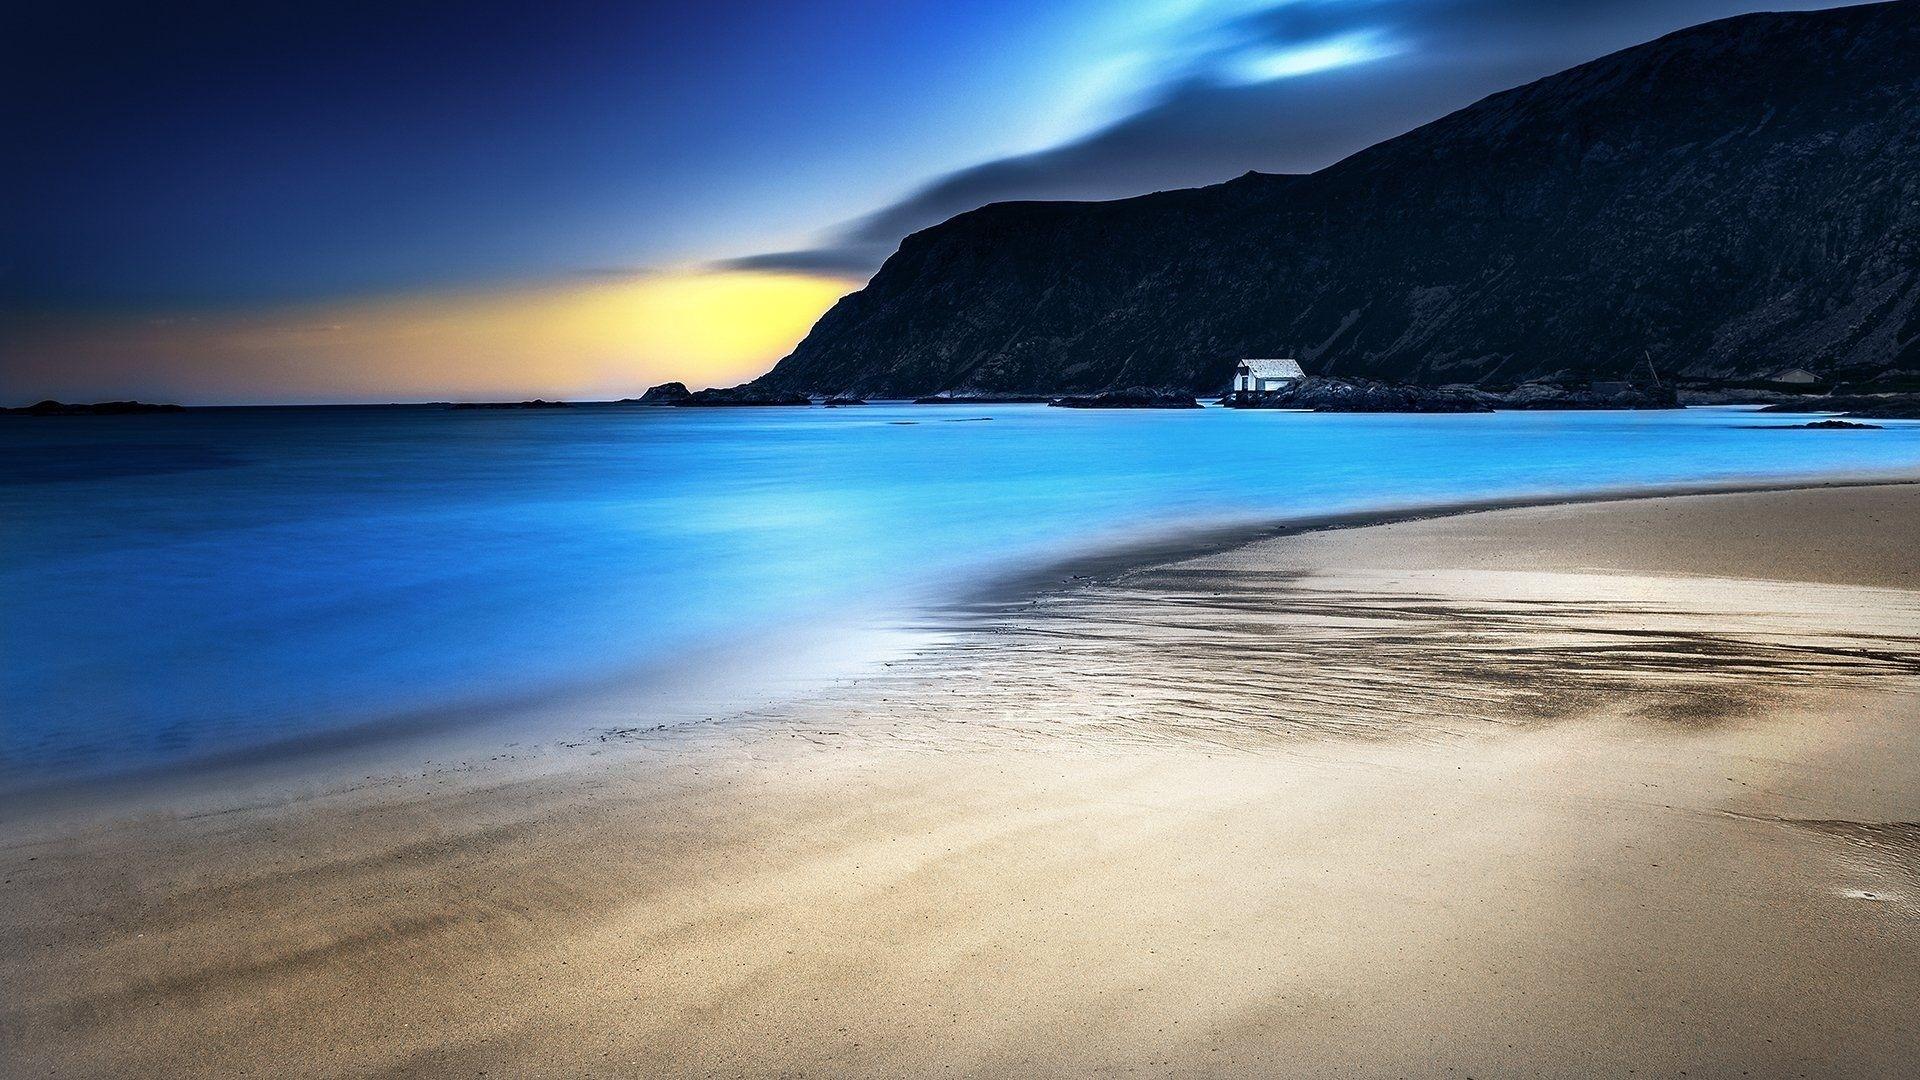 Night Beach Wallpaper Desktop